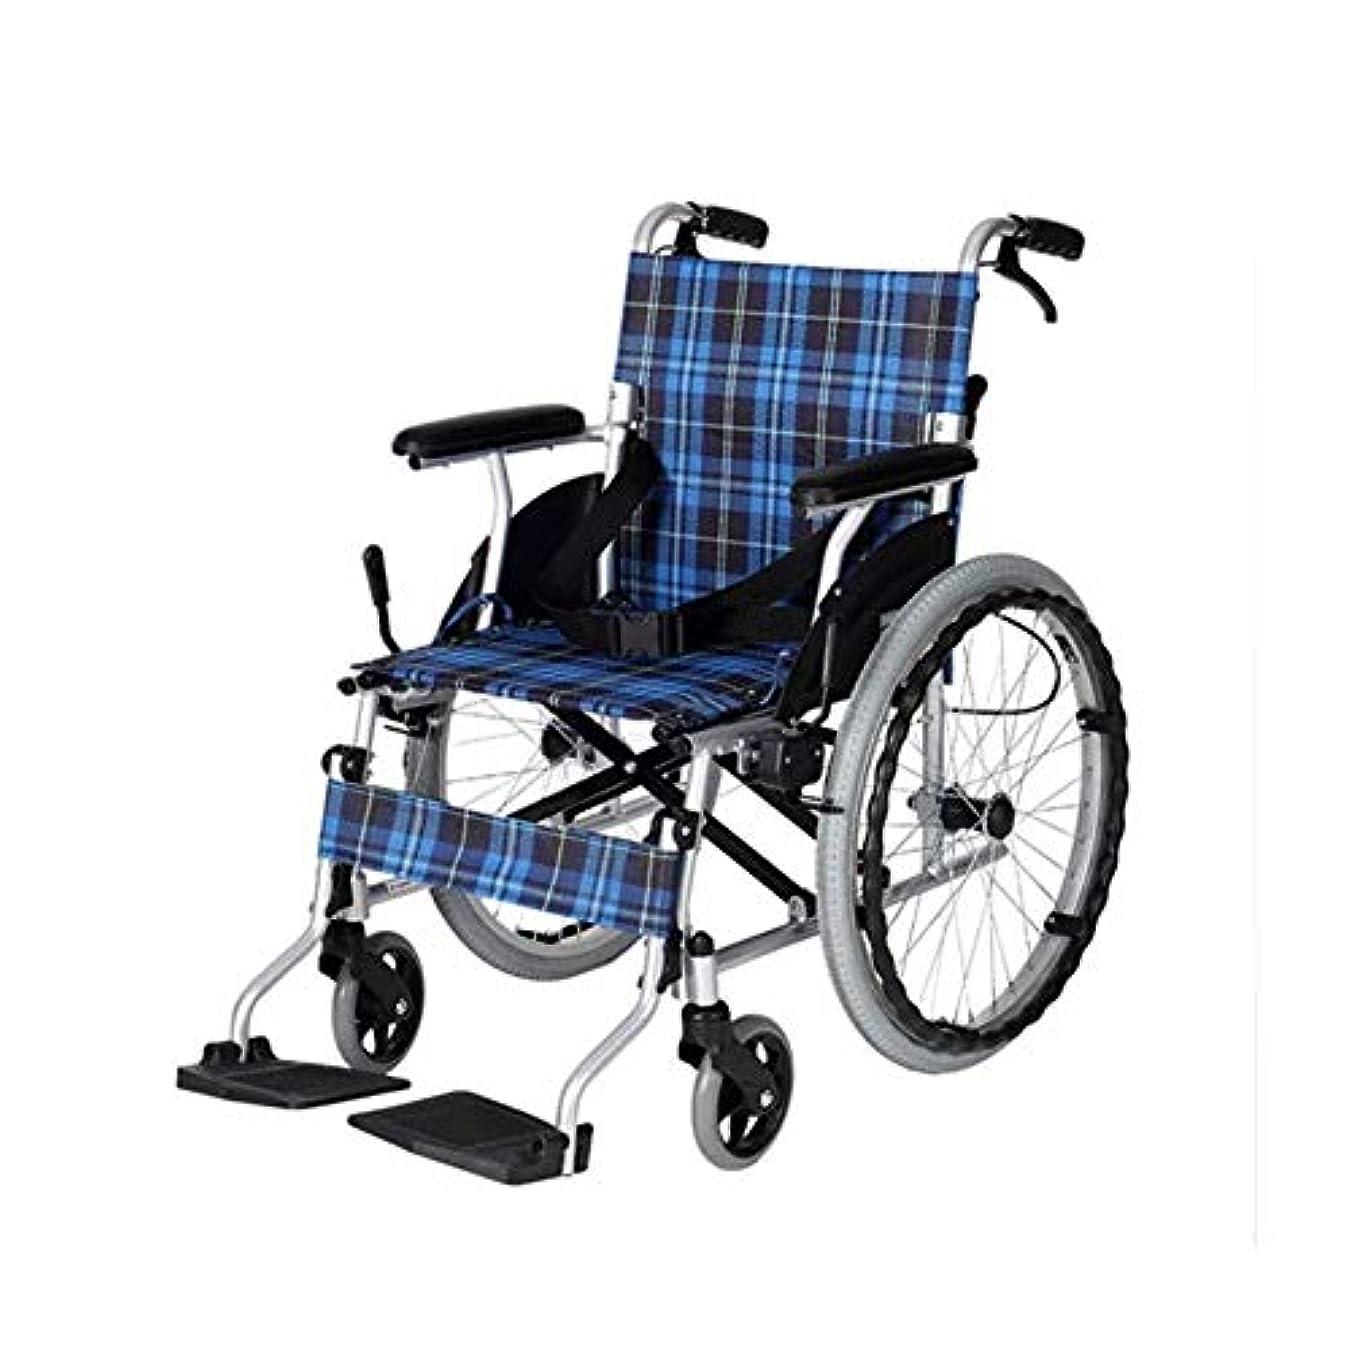 売上高呼ぶ伴うデラックス自走式アルミニウム車椅子、軽量で折り畳み可能なフレームのビッグホイール、ハンドプッシュリング、フロントおよびリアブレーキコントロールチェア付き